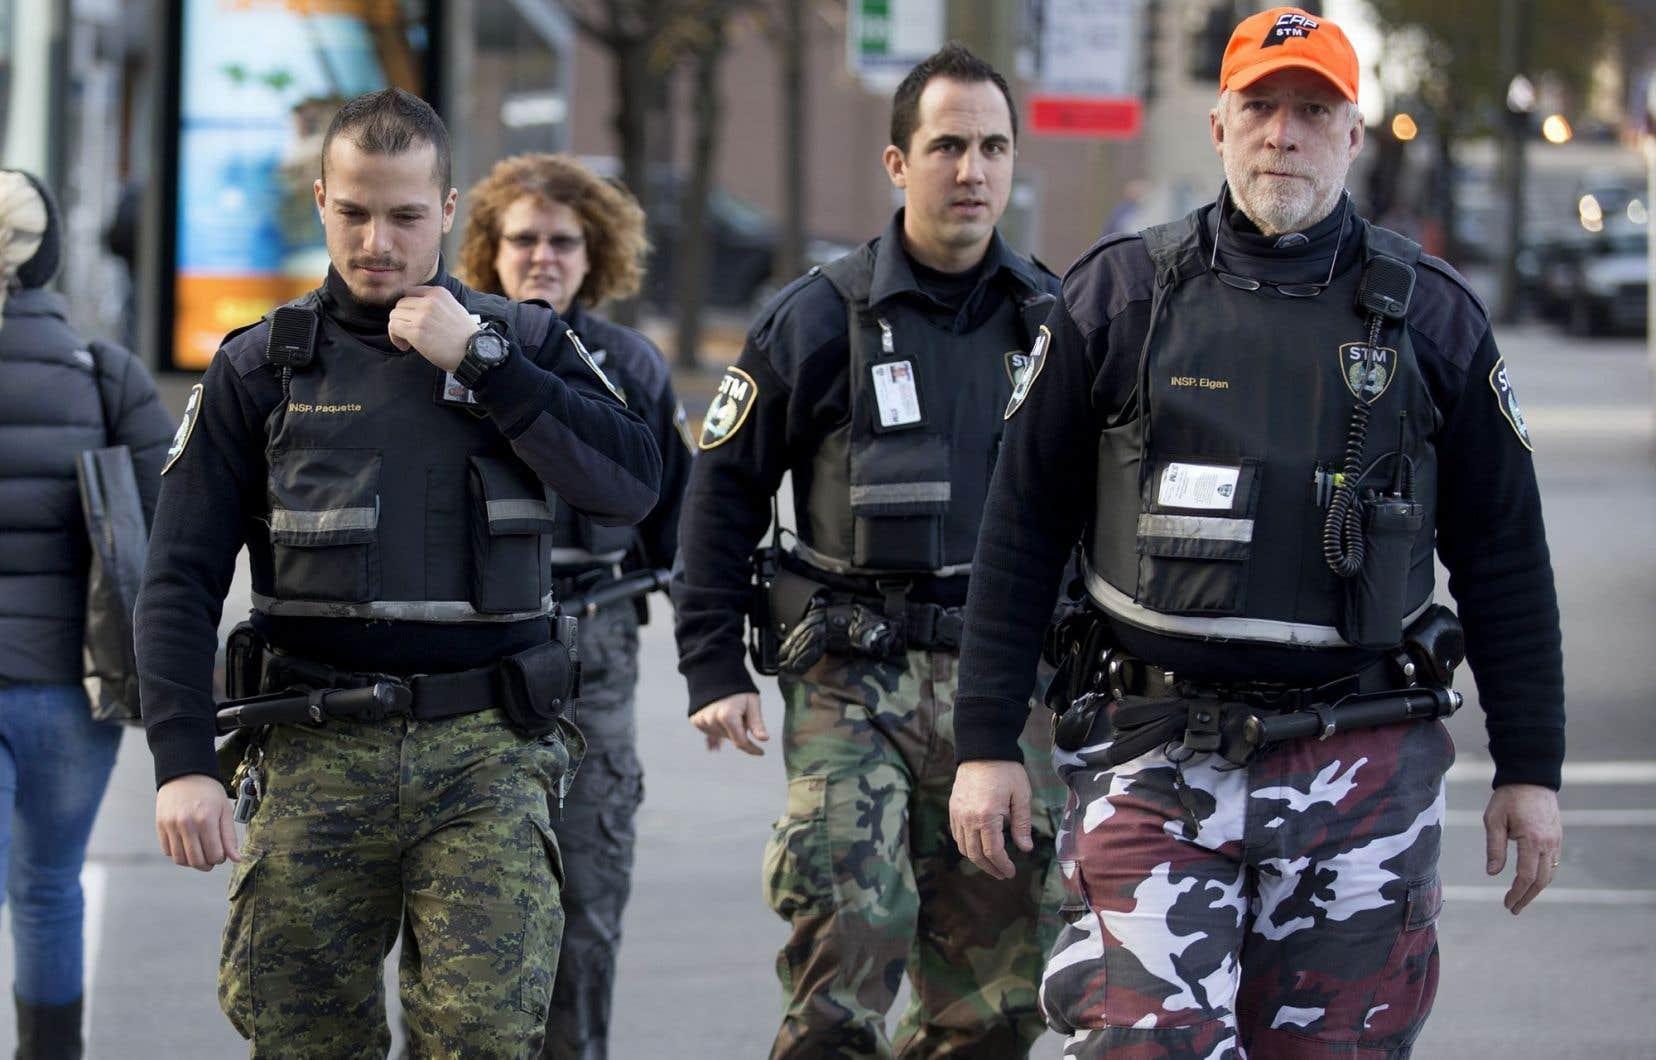 Les policiers portant un pantalon de camouflageplaident la liberté d'expression permise par les chartes.